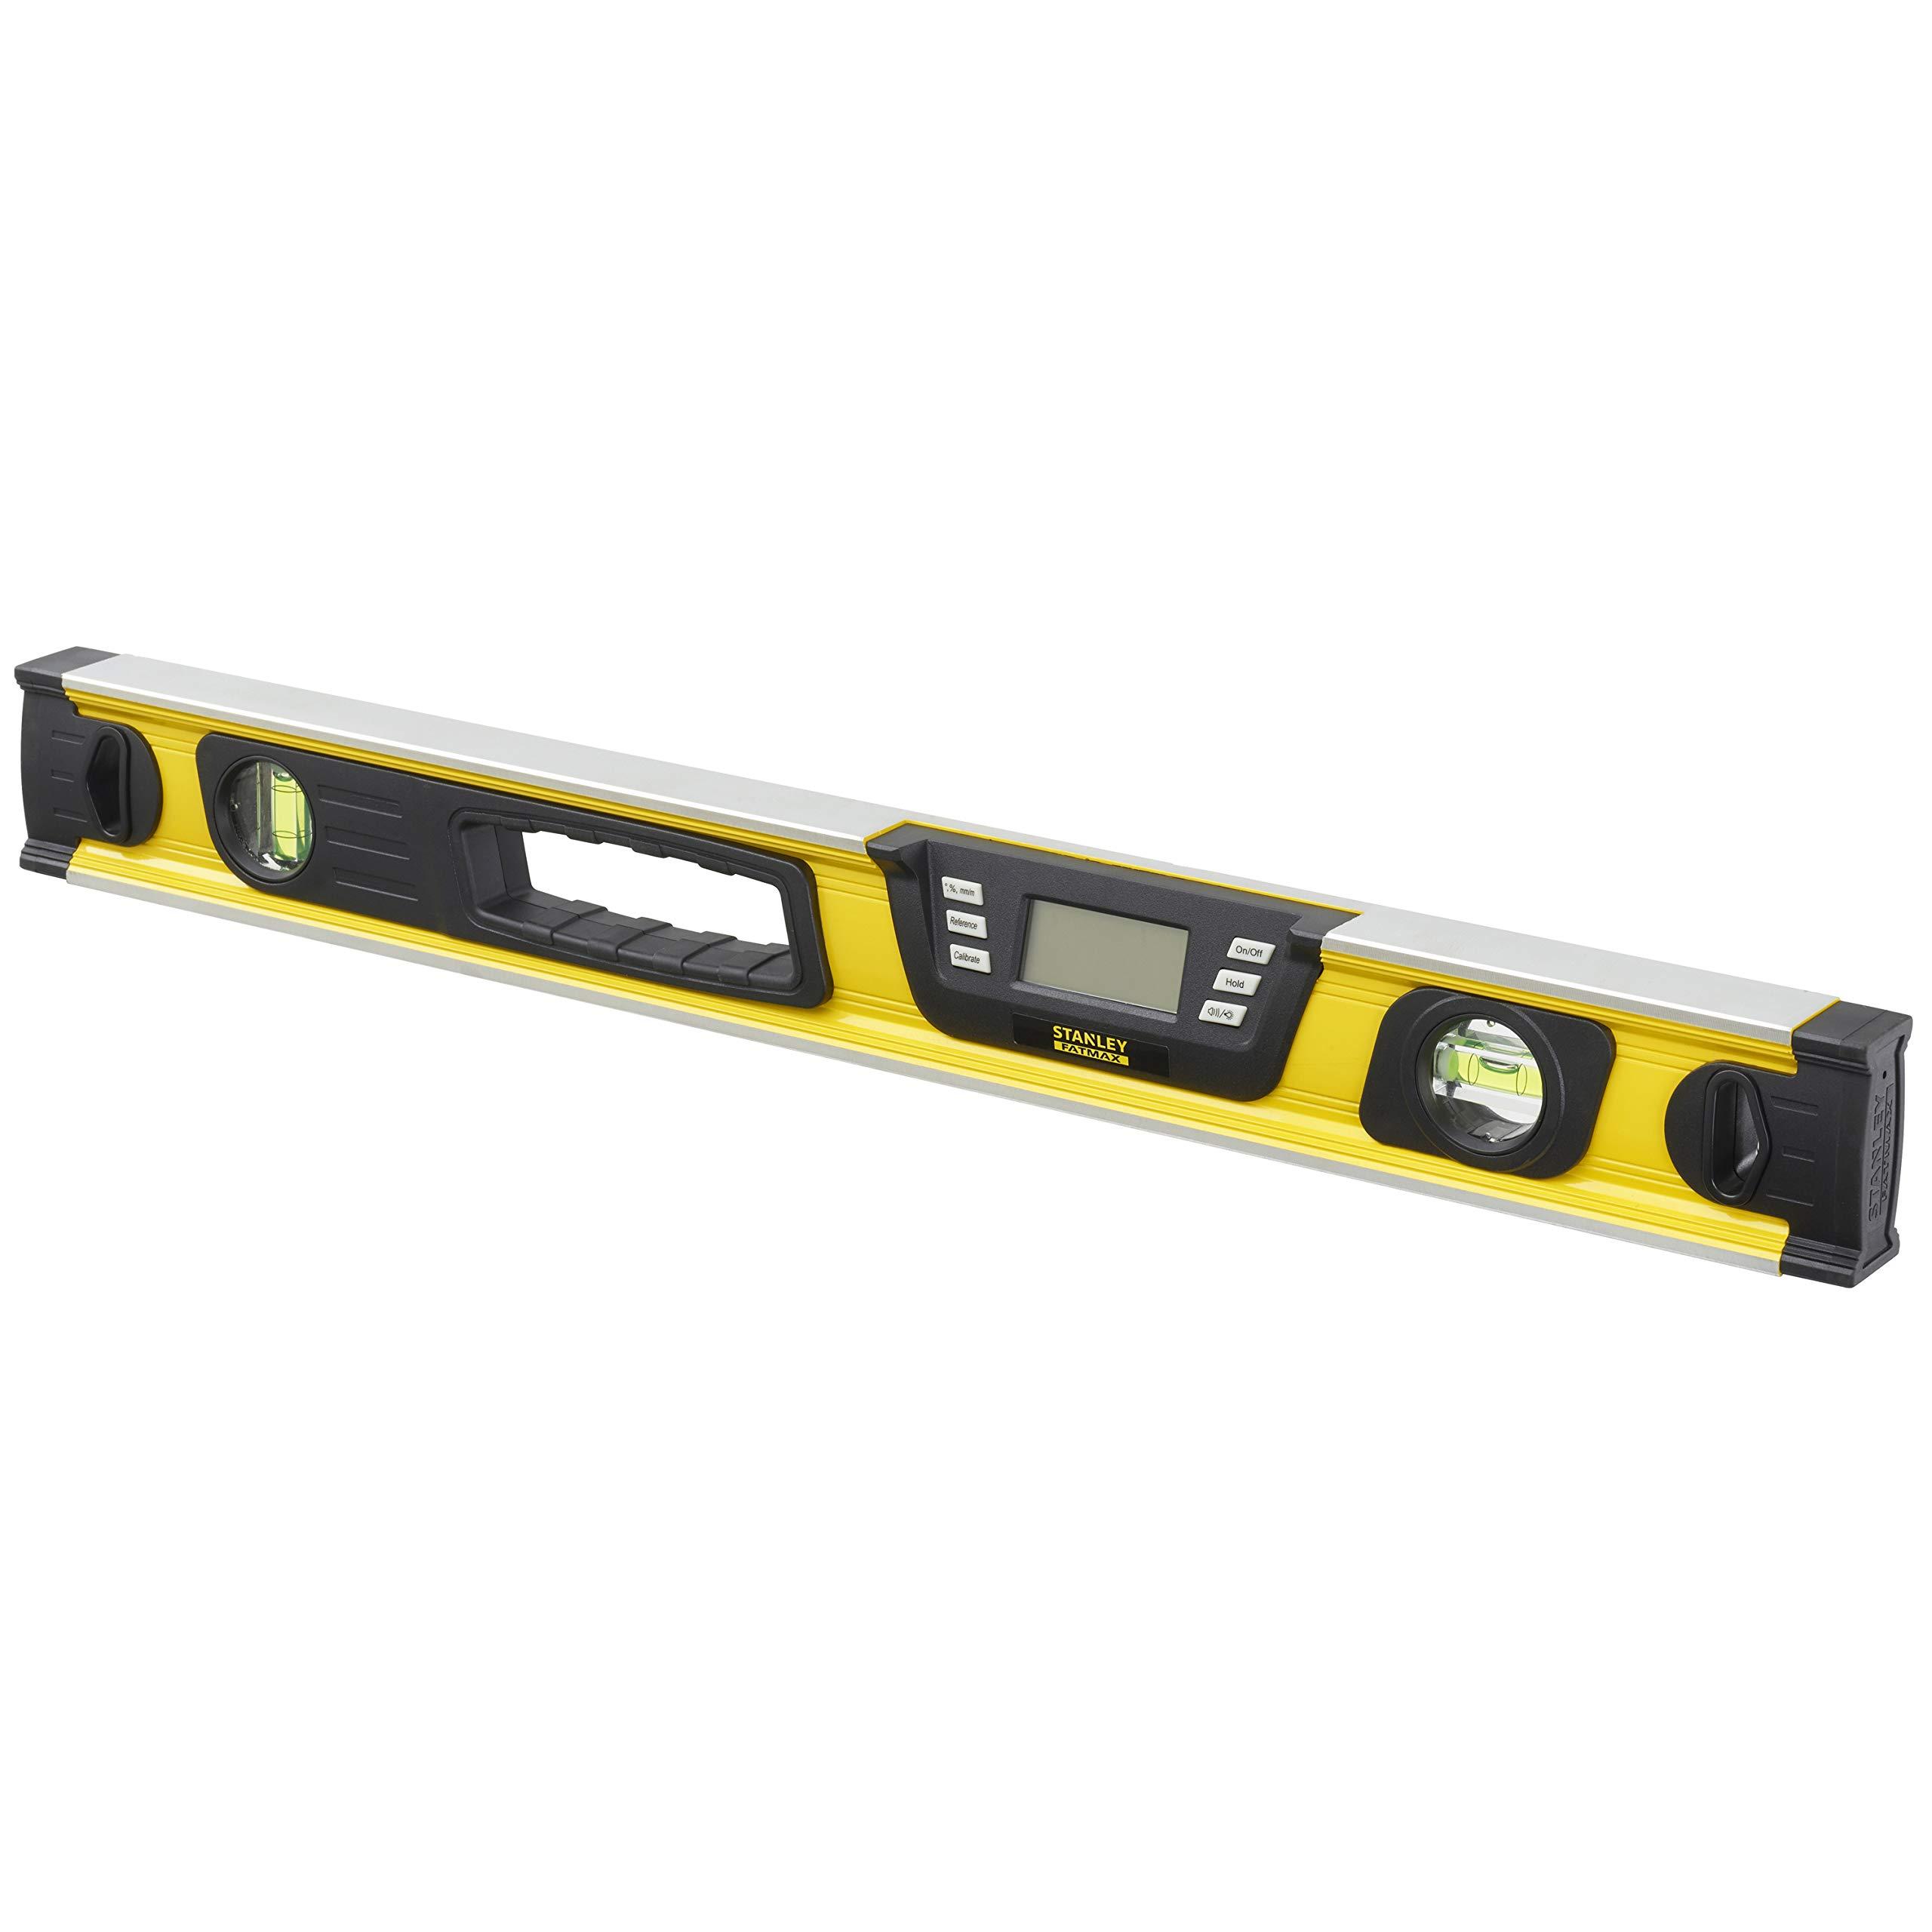 Stanley 0-42-065 Niveau Digital 60 Cm – Gamme FatMax – Écran LCD Rétro-Éclairé – Écran Auto-Réversible Lecture 360° – Précision Numérique 0.10° – Plusieurs Mode – Fourni Avec Sac De Protection